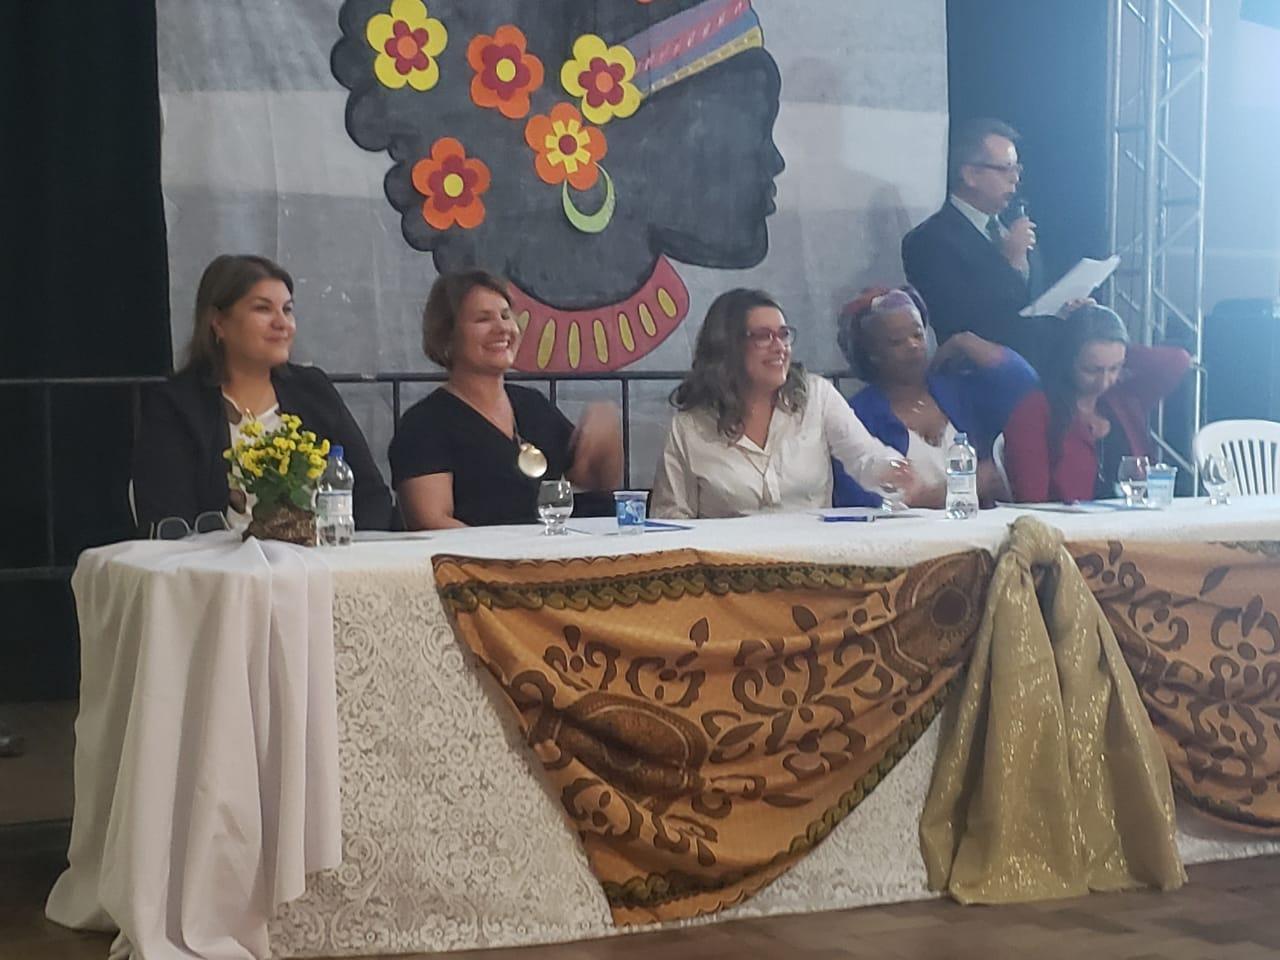 Cinco professoras sentadas enfileiradas na mesa de abertura do evento.